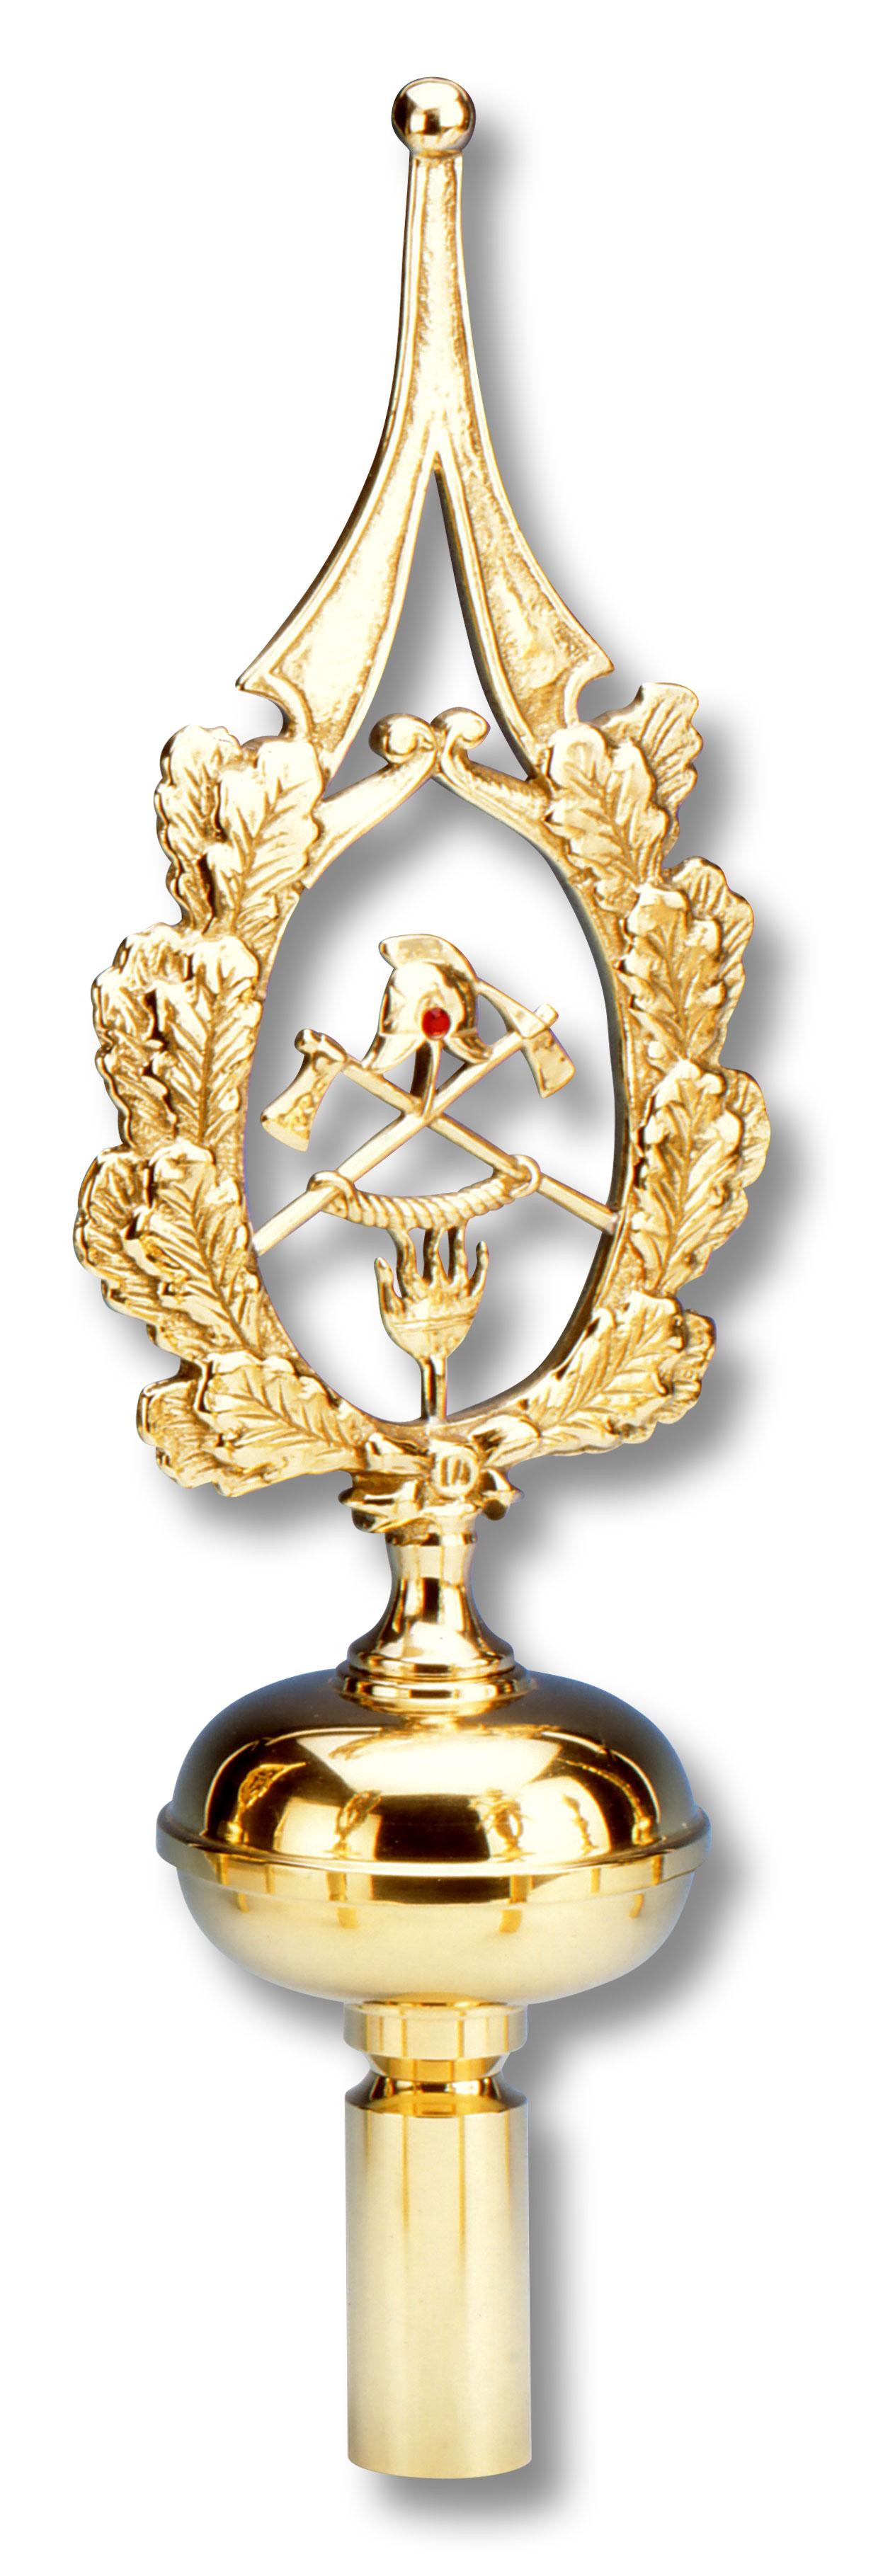 Reich verzierte Fahnenspitze aus goldenem Messing. Verzierung aus Eichenlaub. Innenmotiv mit Helm, Beil und Flamme